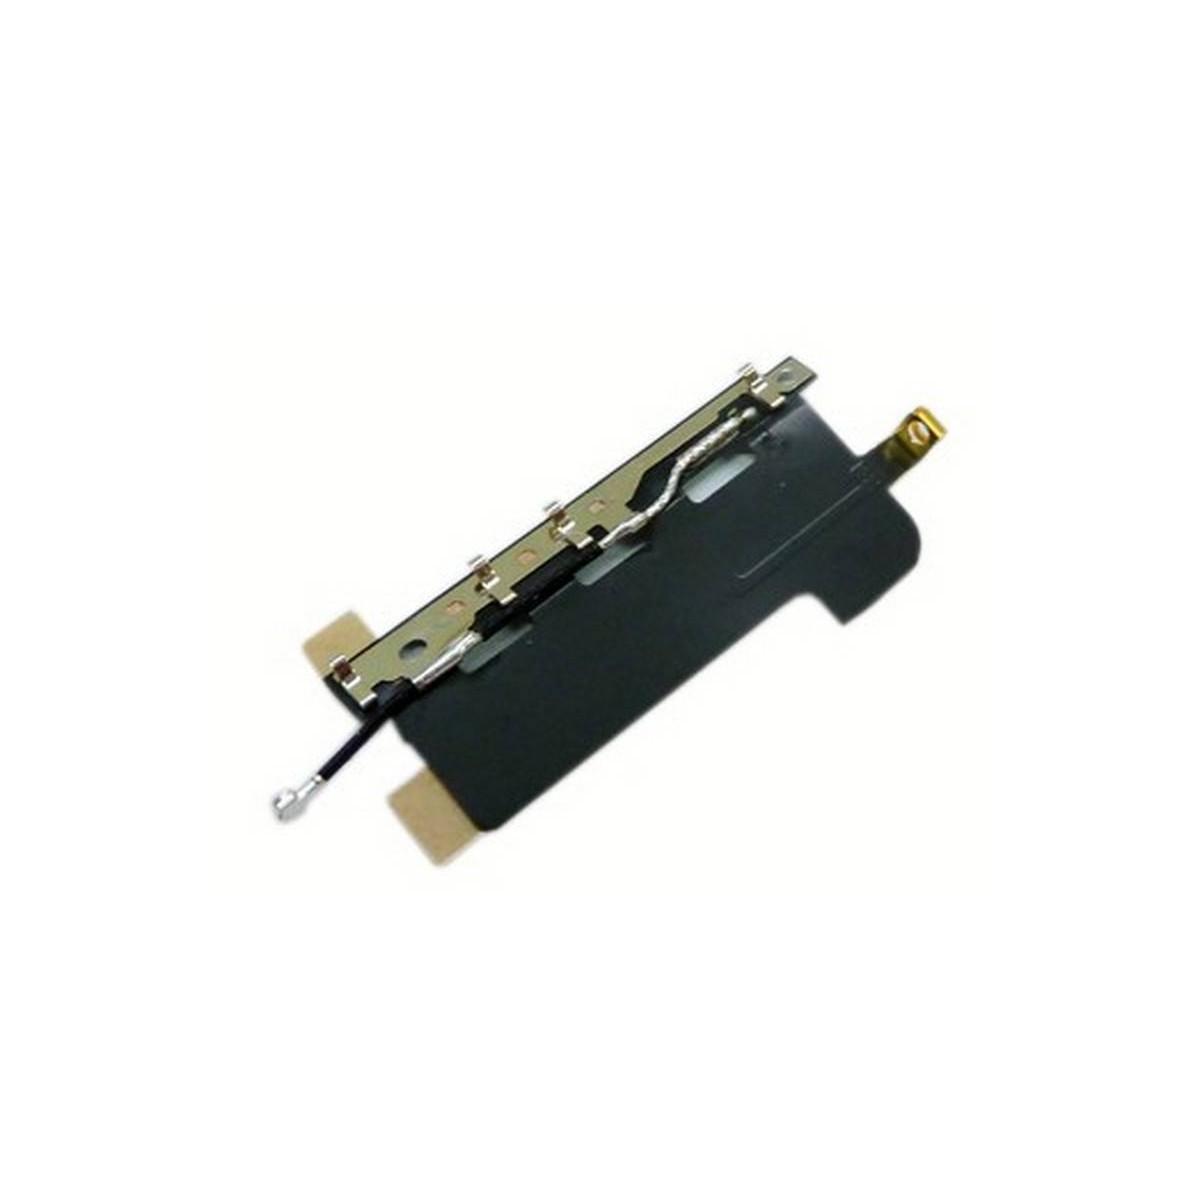 Antena wifi para Iphone 4